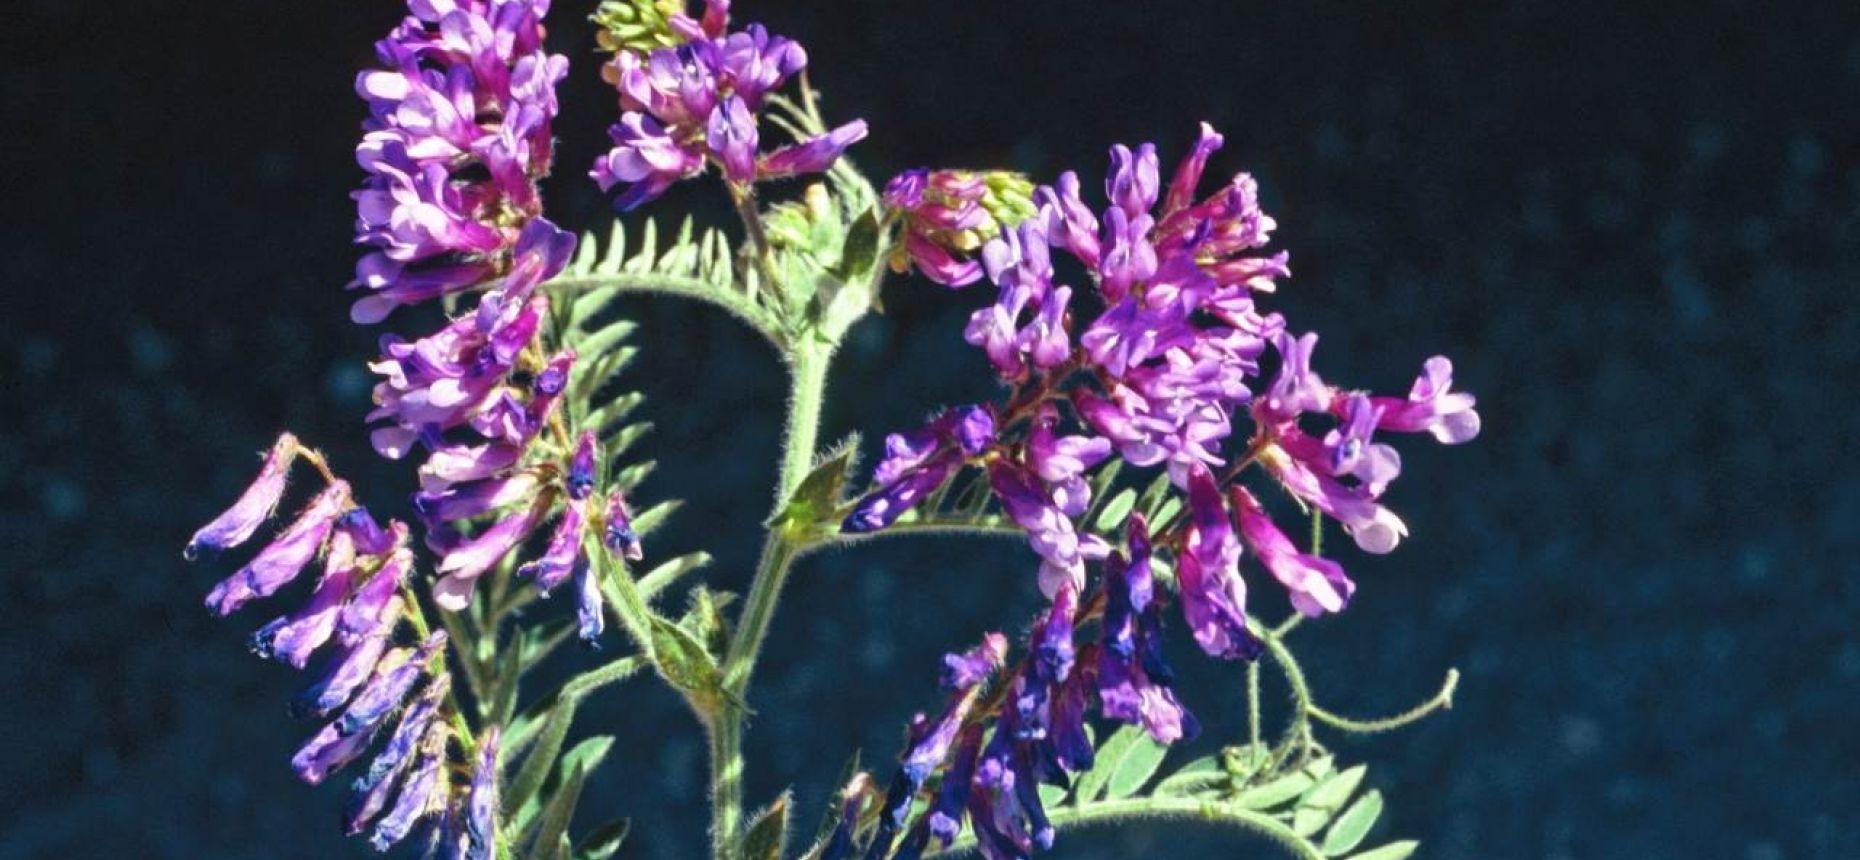 Горошек мохнатый, Вика мохнатая - Vicia villosa Roth